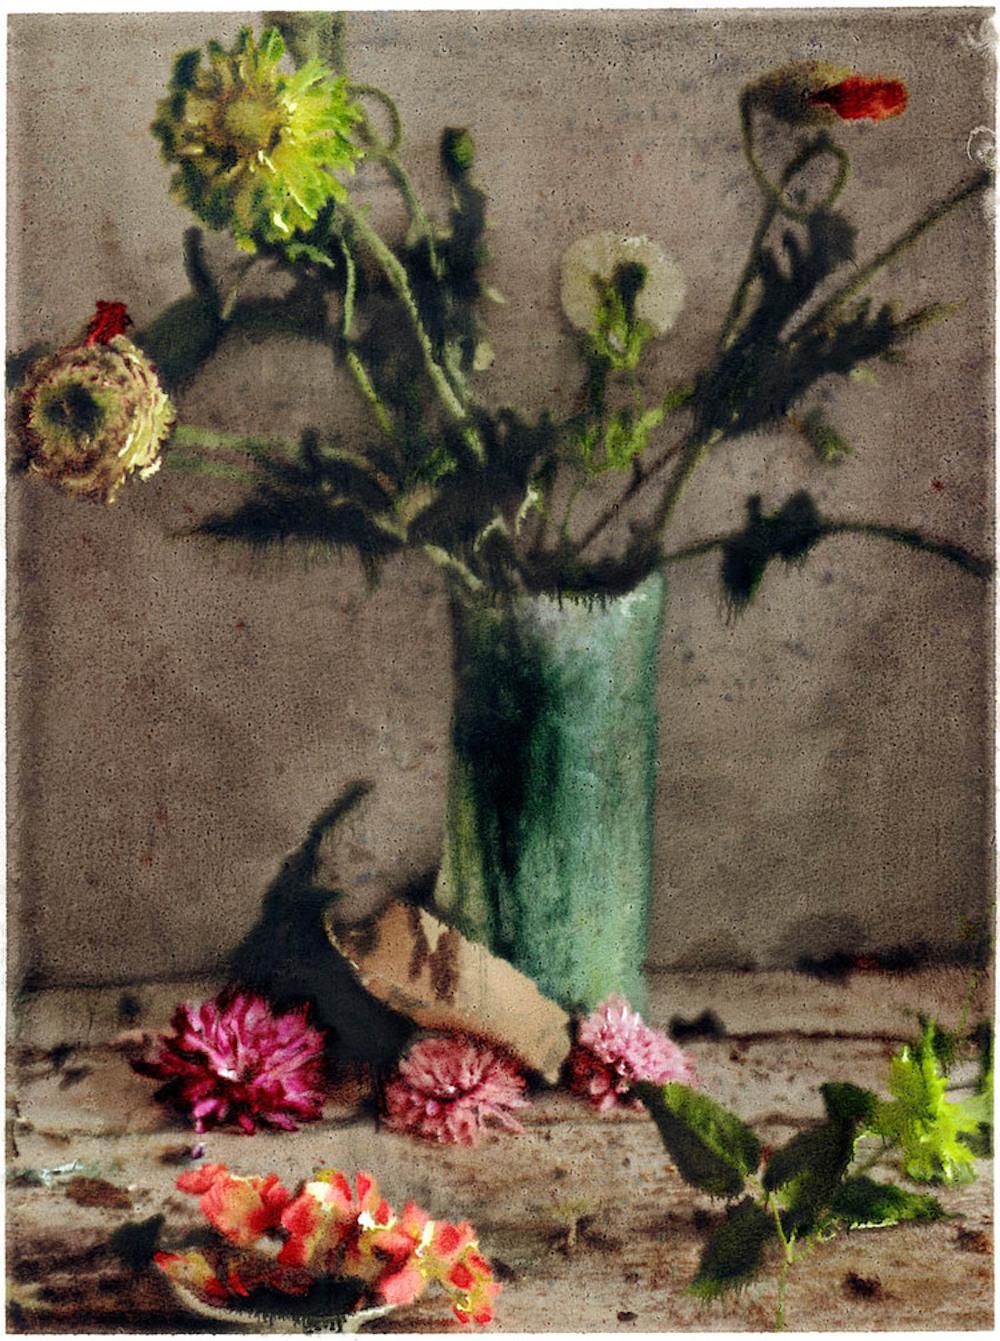 Peinture, photographie de Martyn Thompson